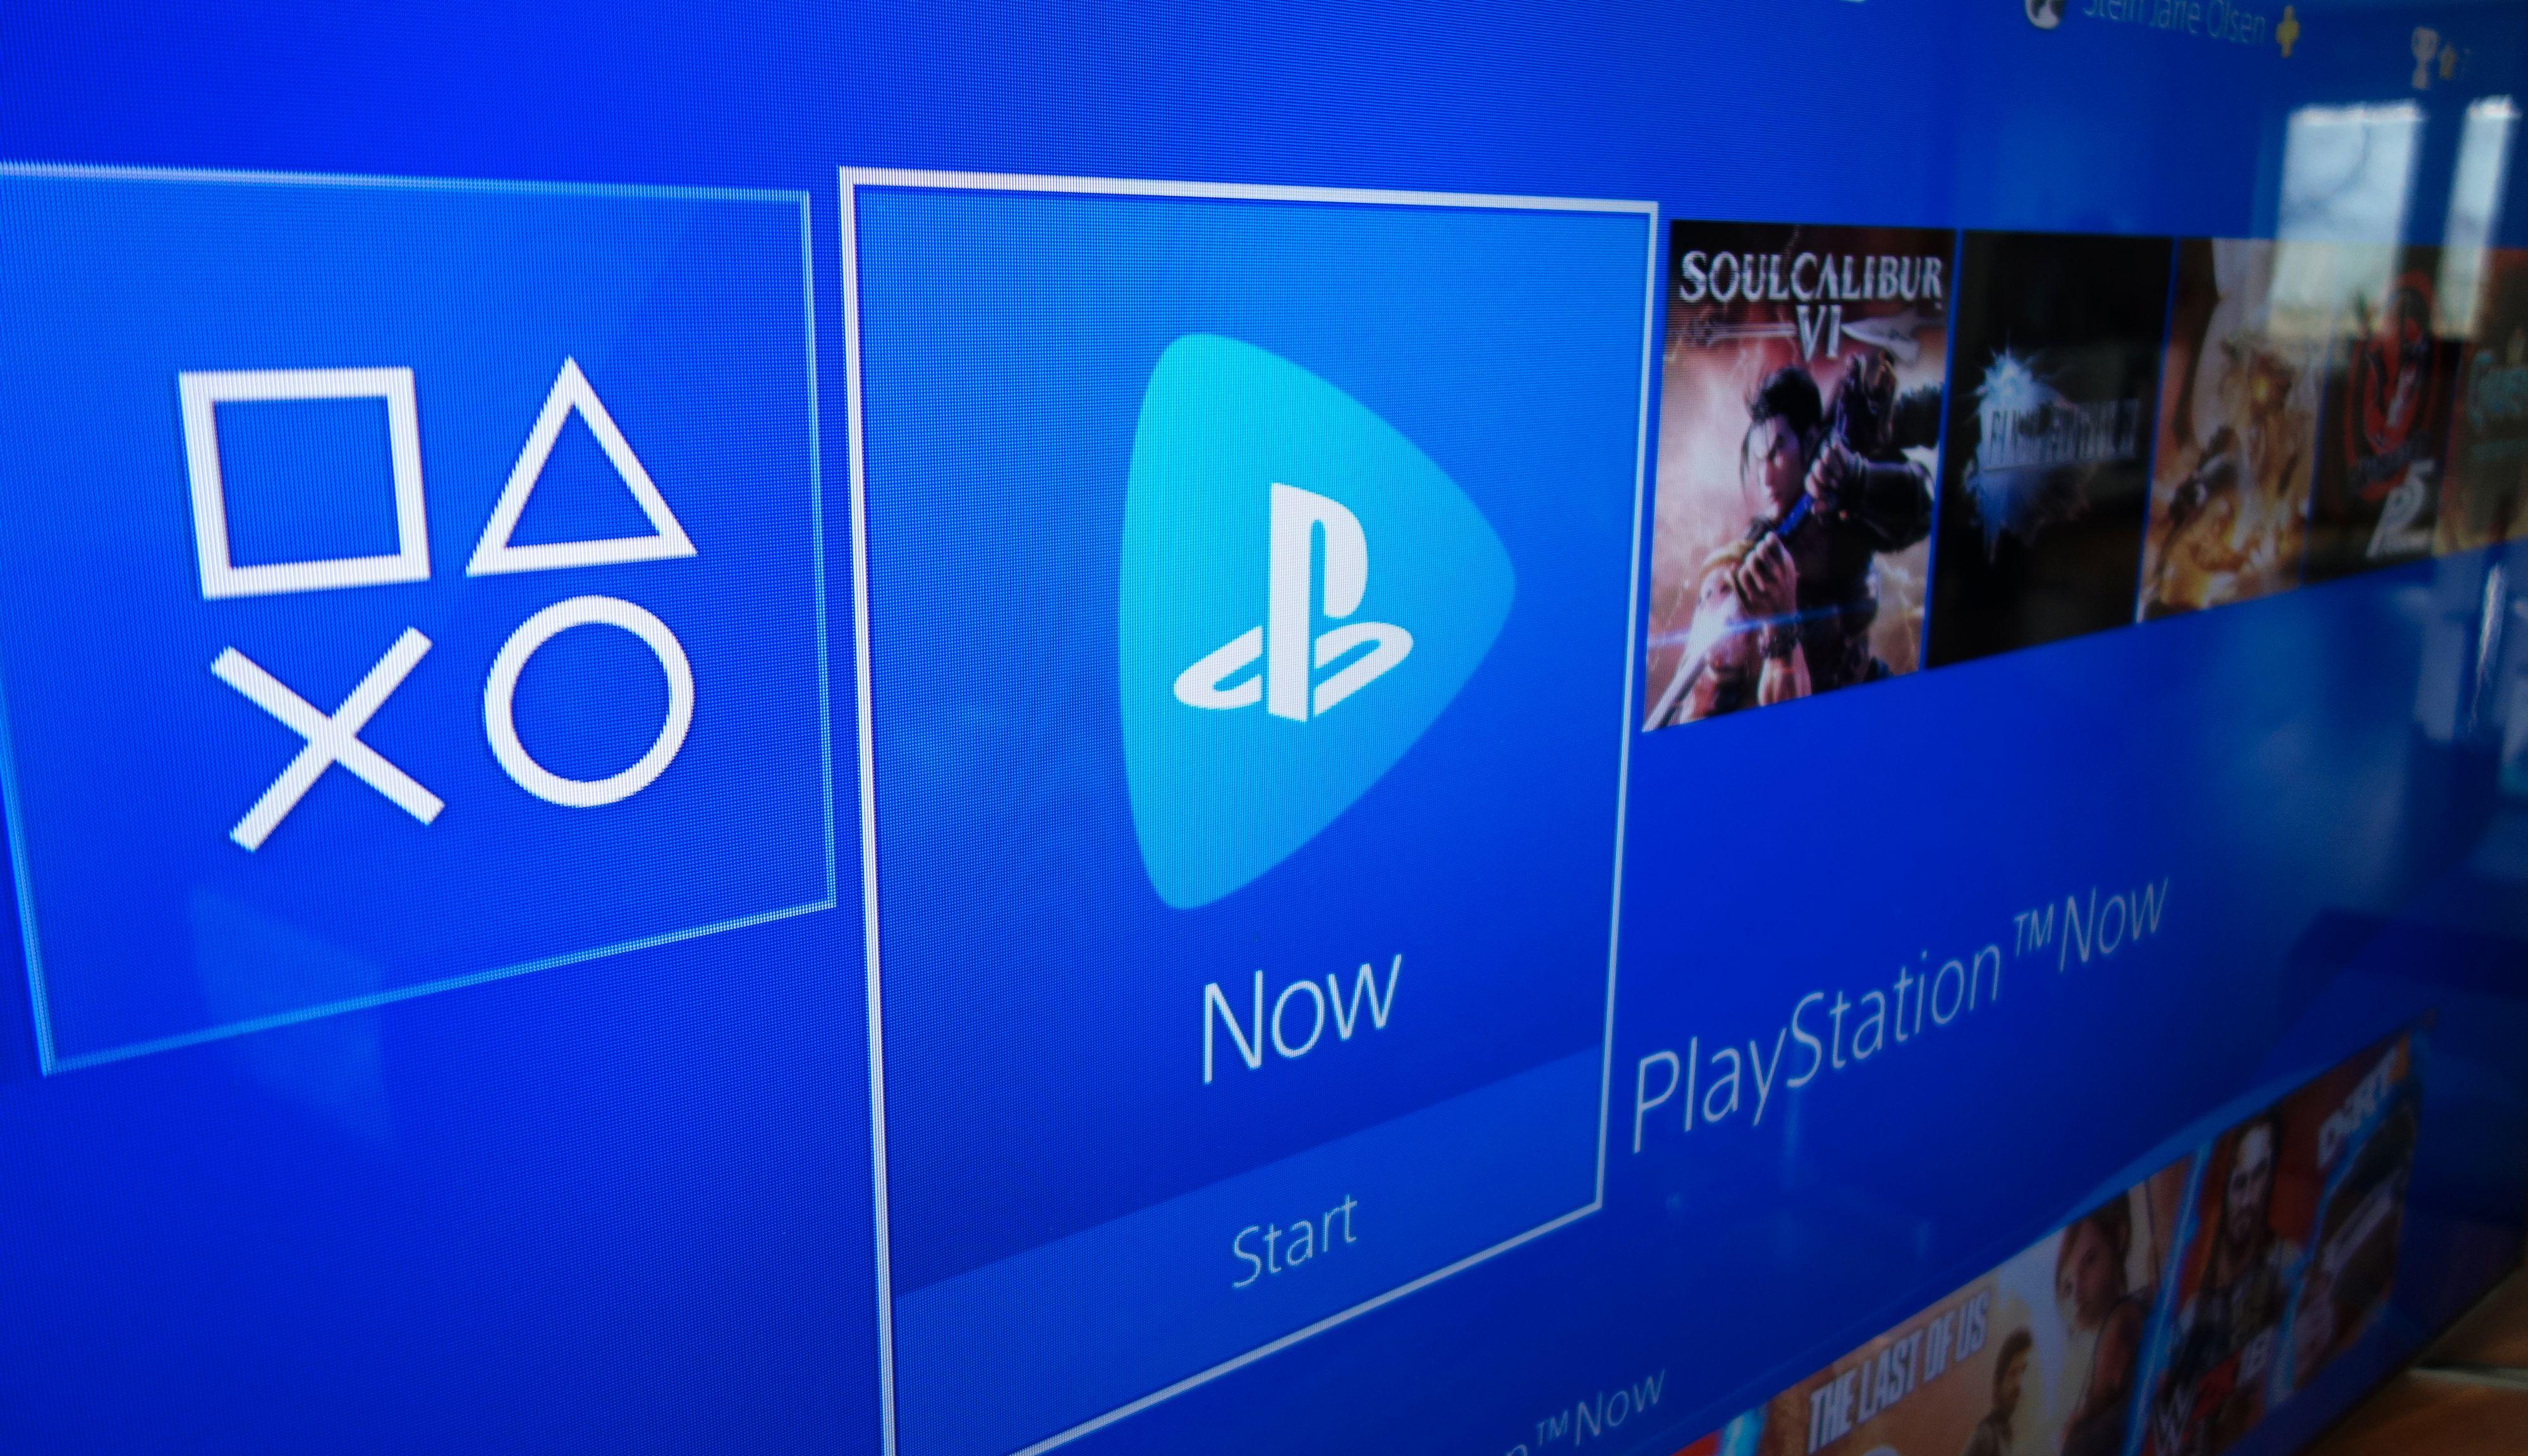 Oppdaterer du Playstation-konsollen til siste versjon bør Now-ikonet dukke opp i hovedmenyen.